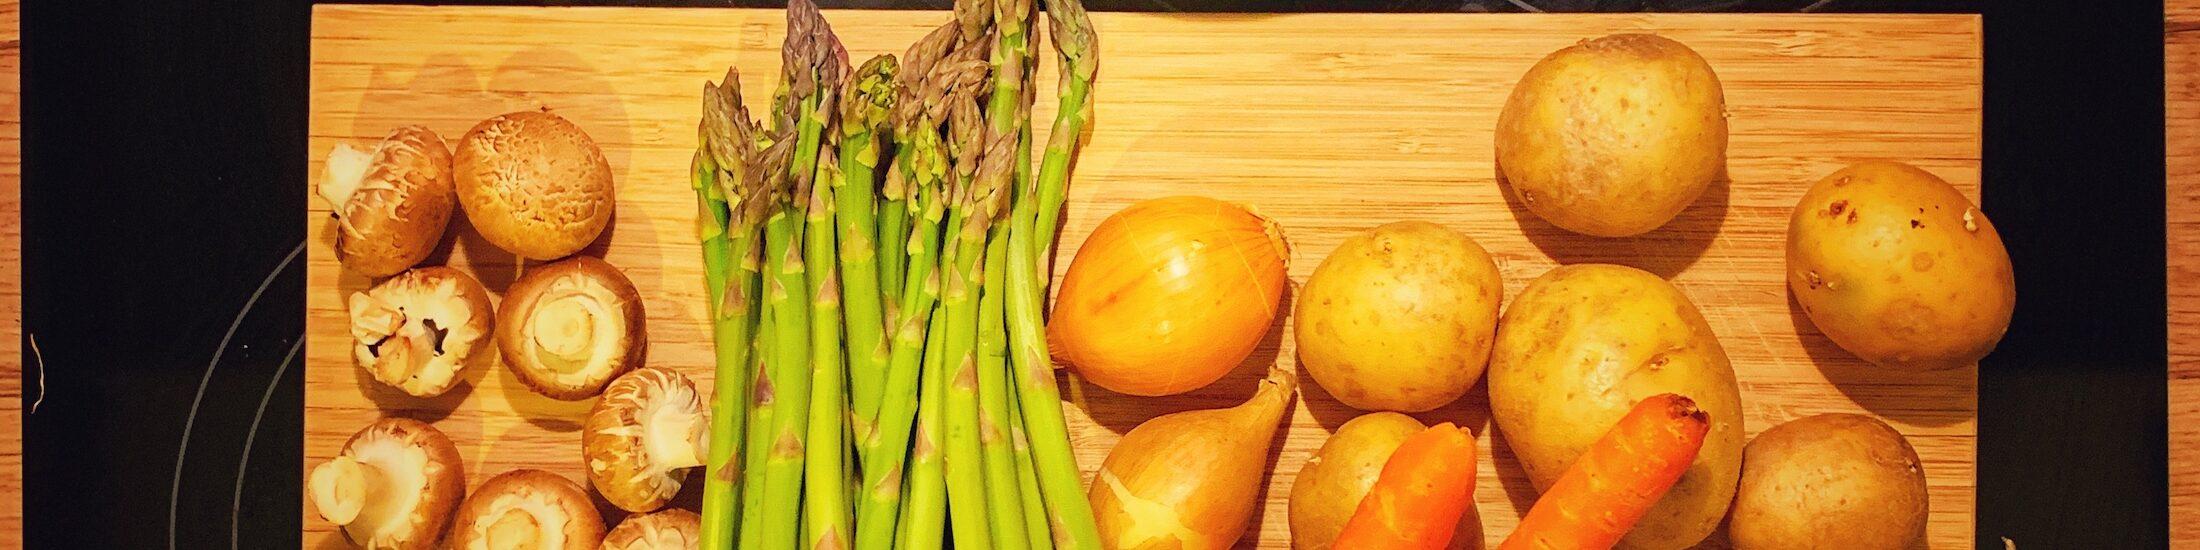 Gemüse auf einem Holzbrett. Es liegt bereit zum Kochen, muss aber noch geschnitten werden. Über dem Brett stehen Schüsseln. Auch beim Kochen ist Gleichmäßigkeit wichtig. Hier sieht man Champignons, Spargel, Kartoffeln und Möhren.